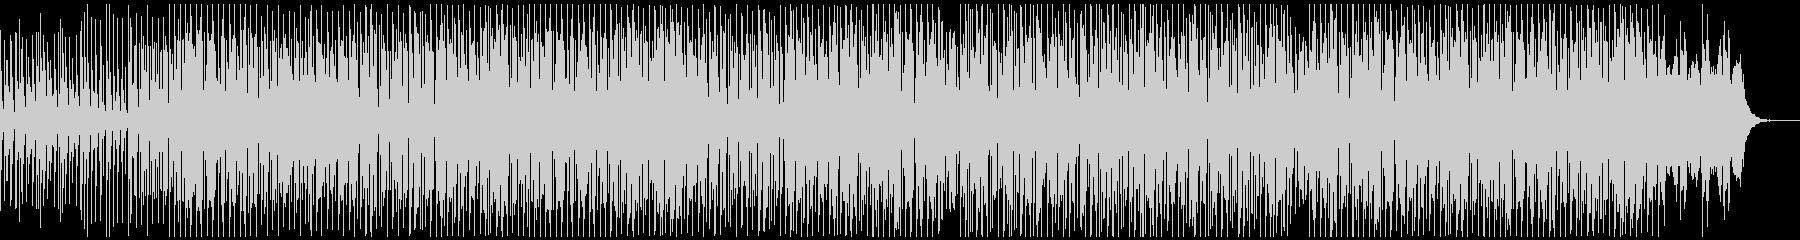 ノリが良い民族的なエスニックBGMの未再生の波形